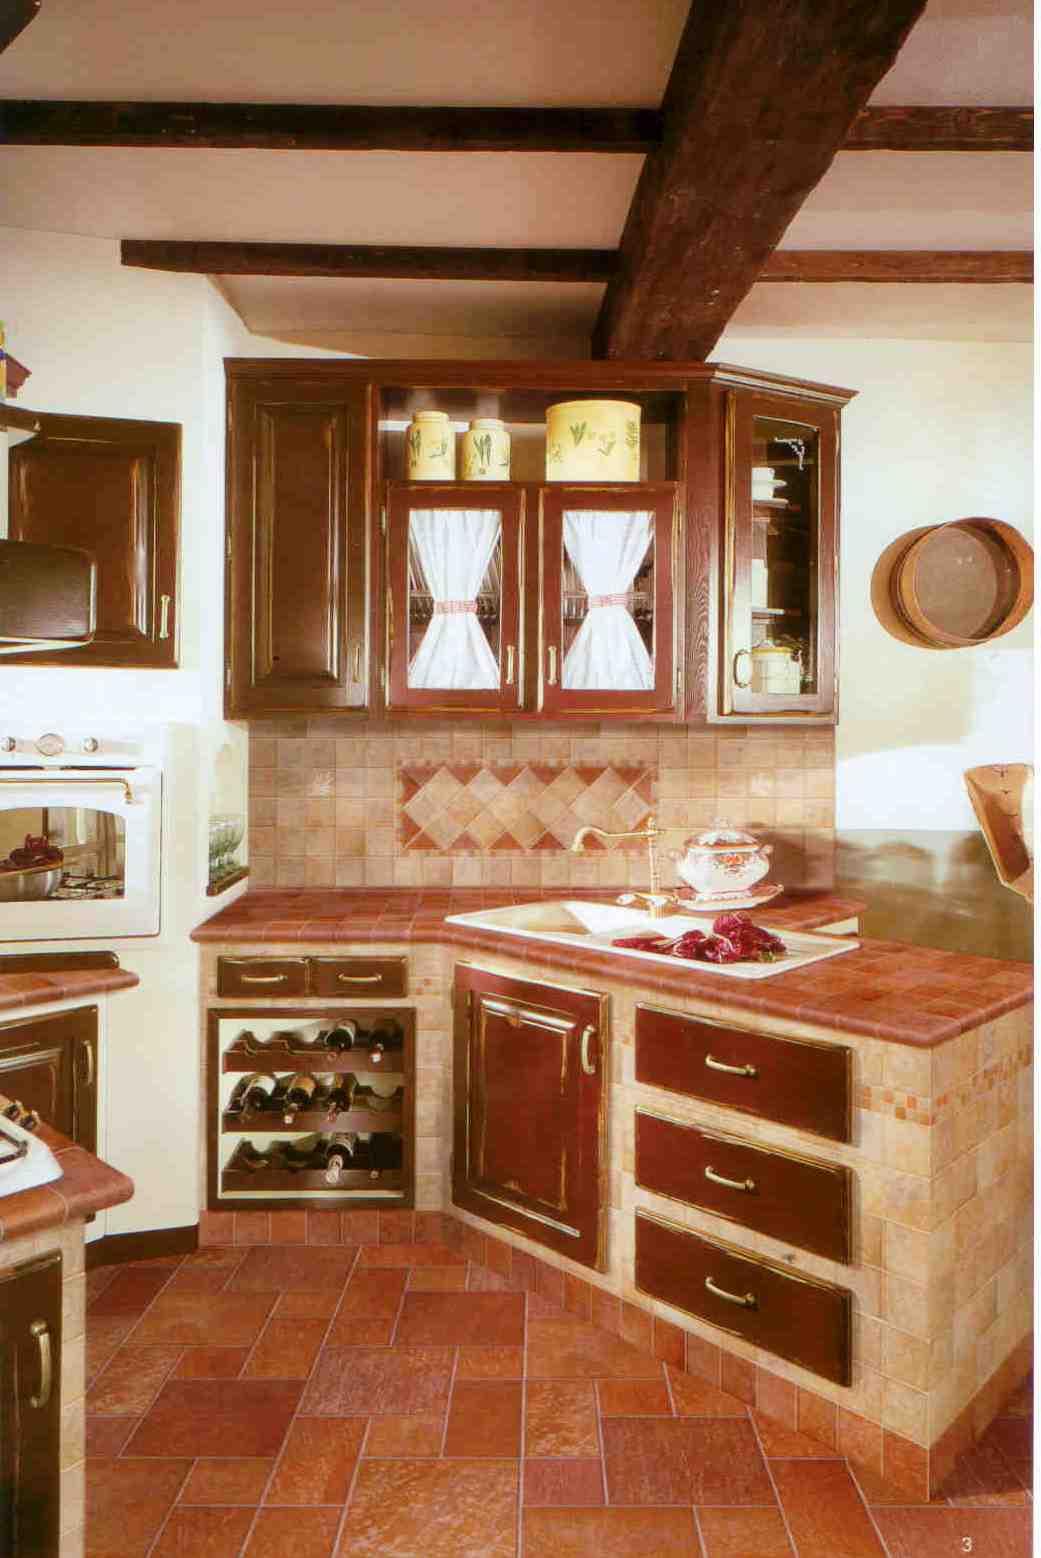 Azulejos de piso una cubierta para la cocina cer mica for Azulejos para cocina fotos